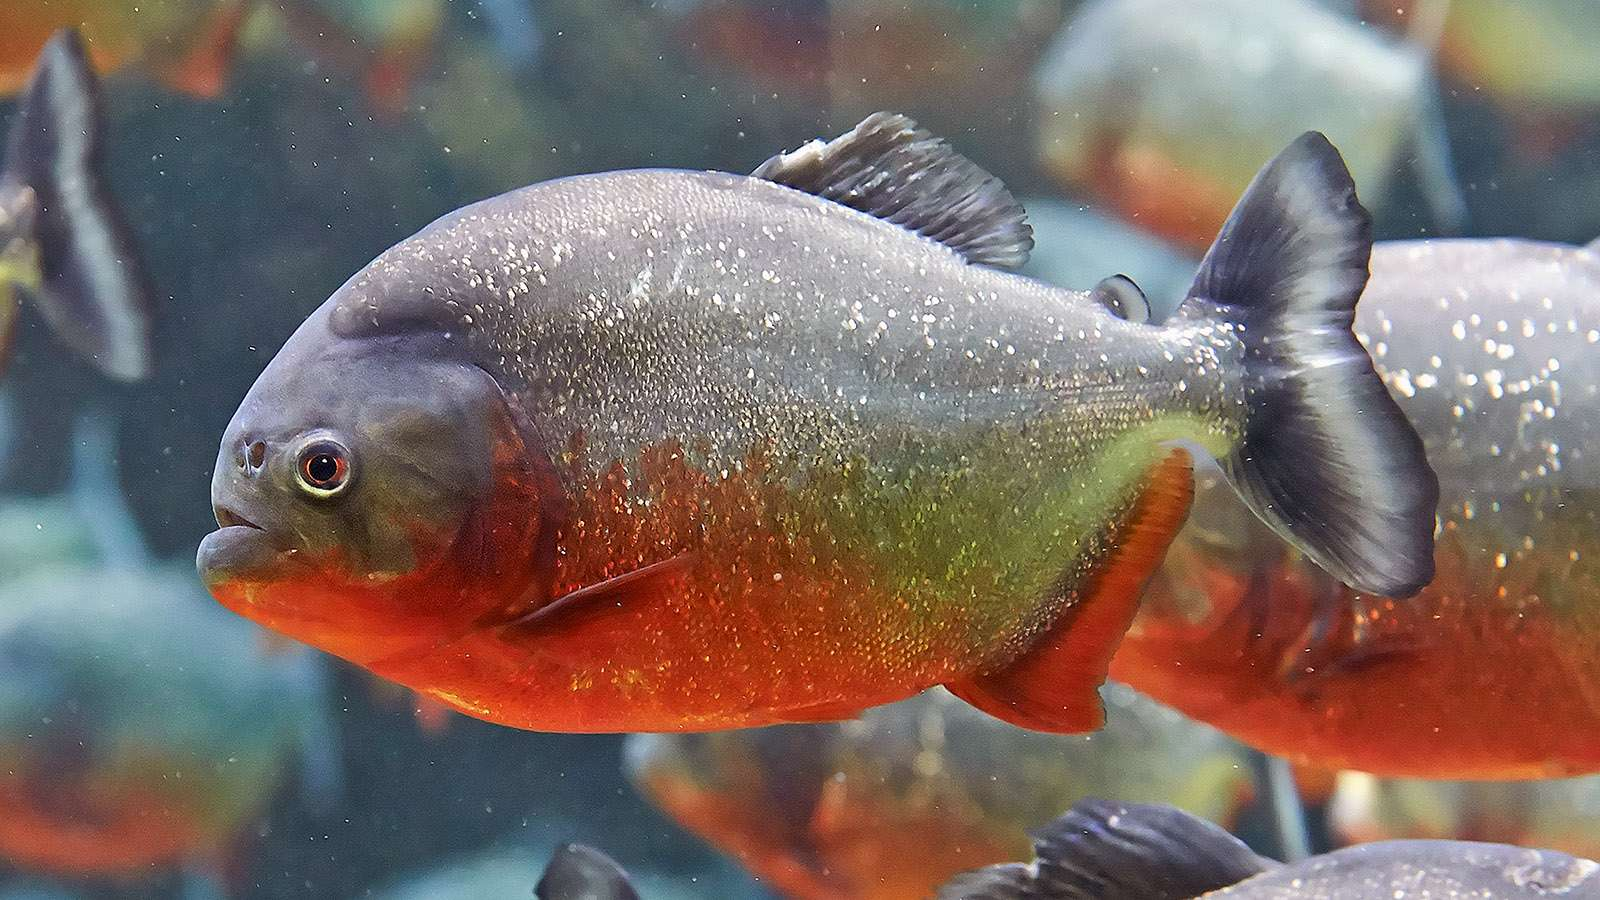 Ως Πιράνχας αναφέρονται διάφορα γένη παμφάγων ψαριών που ζουν στα γλυκά νερά της Νότιας Αμερικής και κυρίως του Αμαζονίου. Τα πιράνχας χρησιμεύουν ως τροφή για τις κοινότητες των ιθαγενών στην περιοχή του Αμαζονίου.